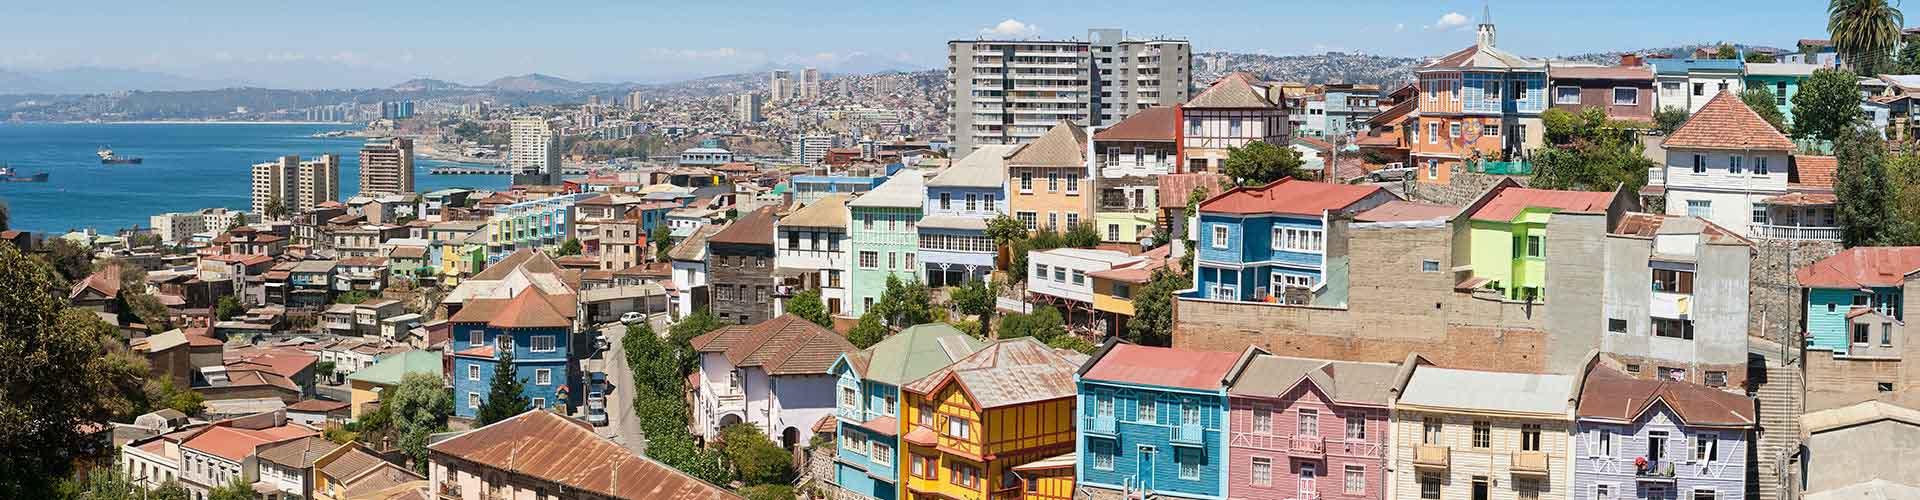 Valparaiso - Chambres à Valparaiso. Cartes pour Valparaiso, photos et commentaires pour chaque chambre à Valparaiso.